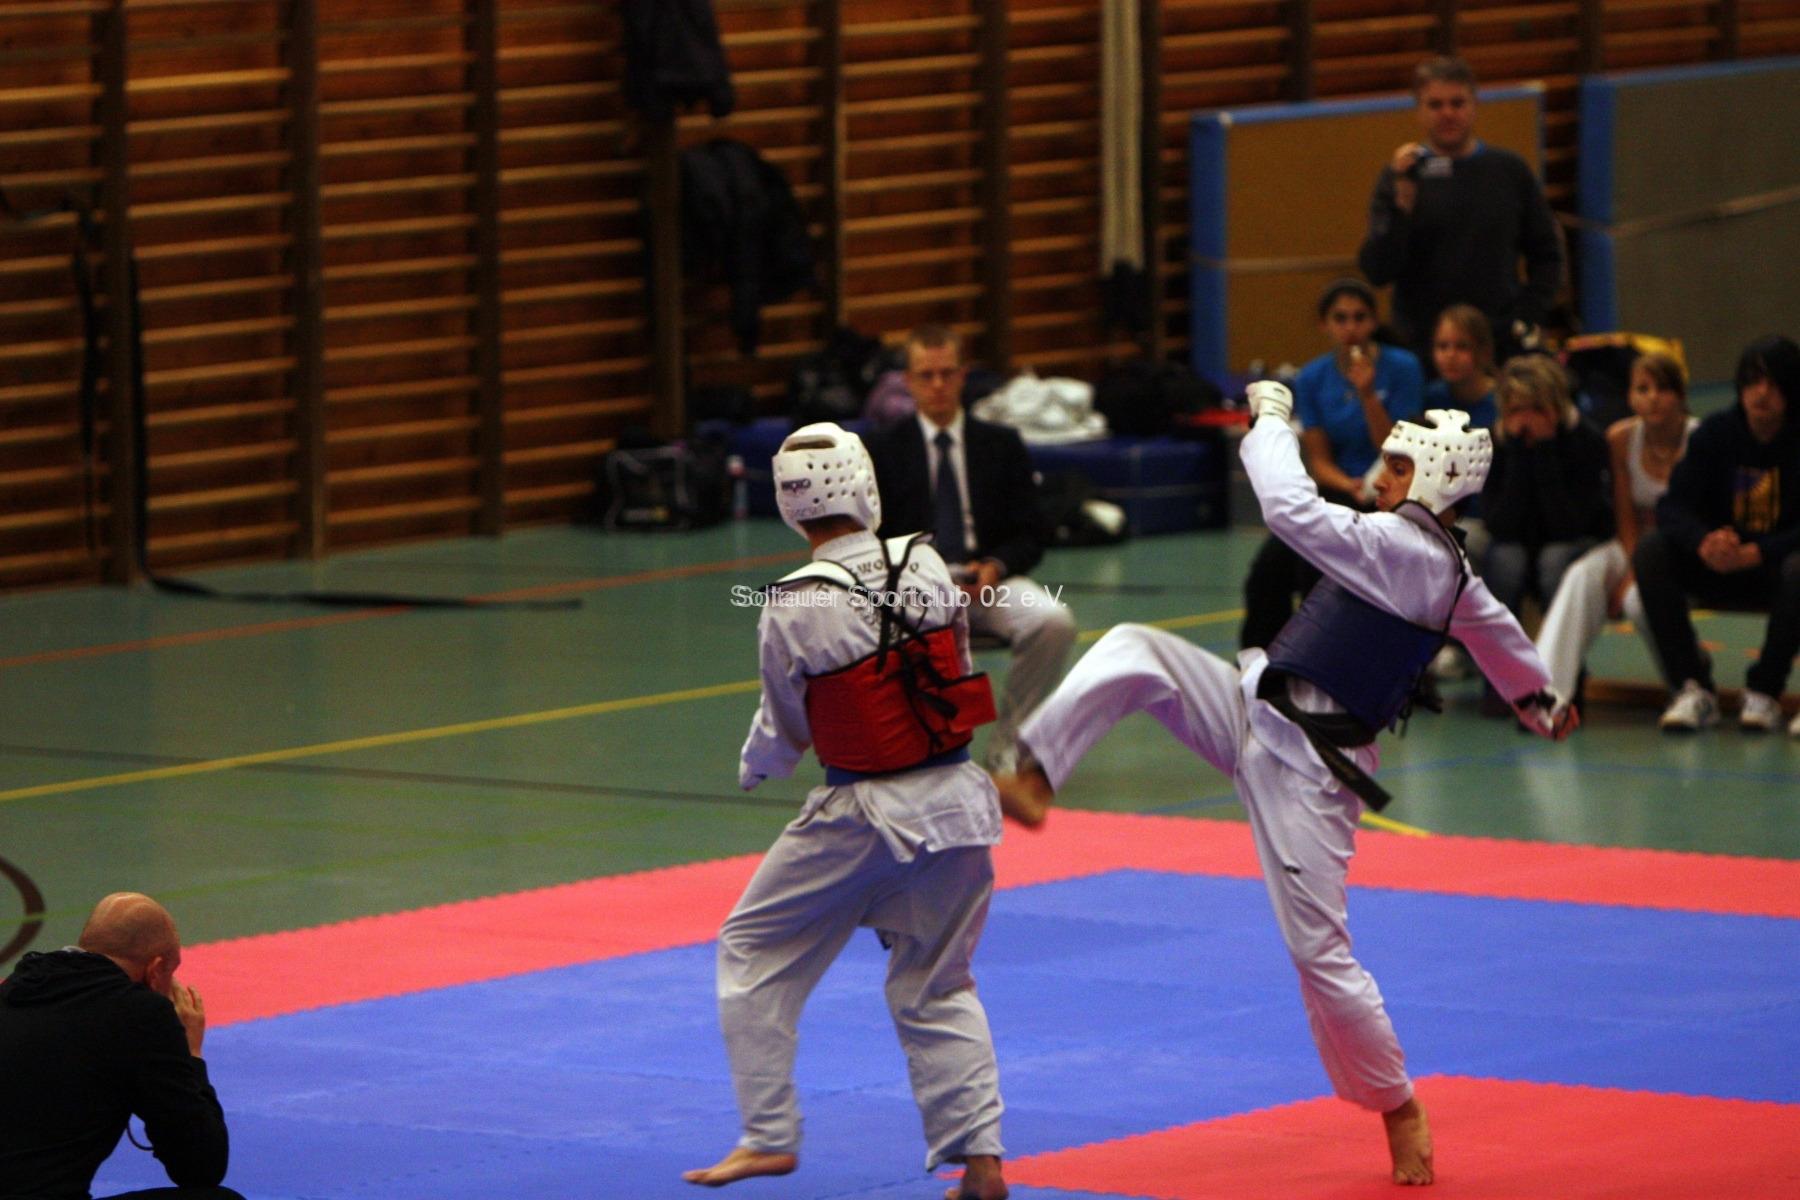 20101127-schleswig-holstein-cup-kaltenkirchen-009